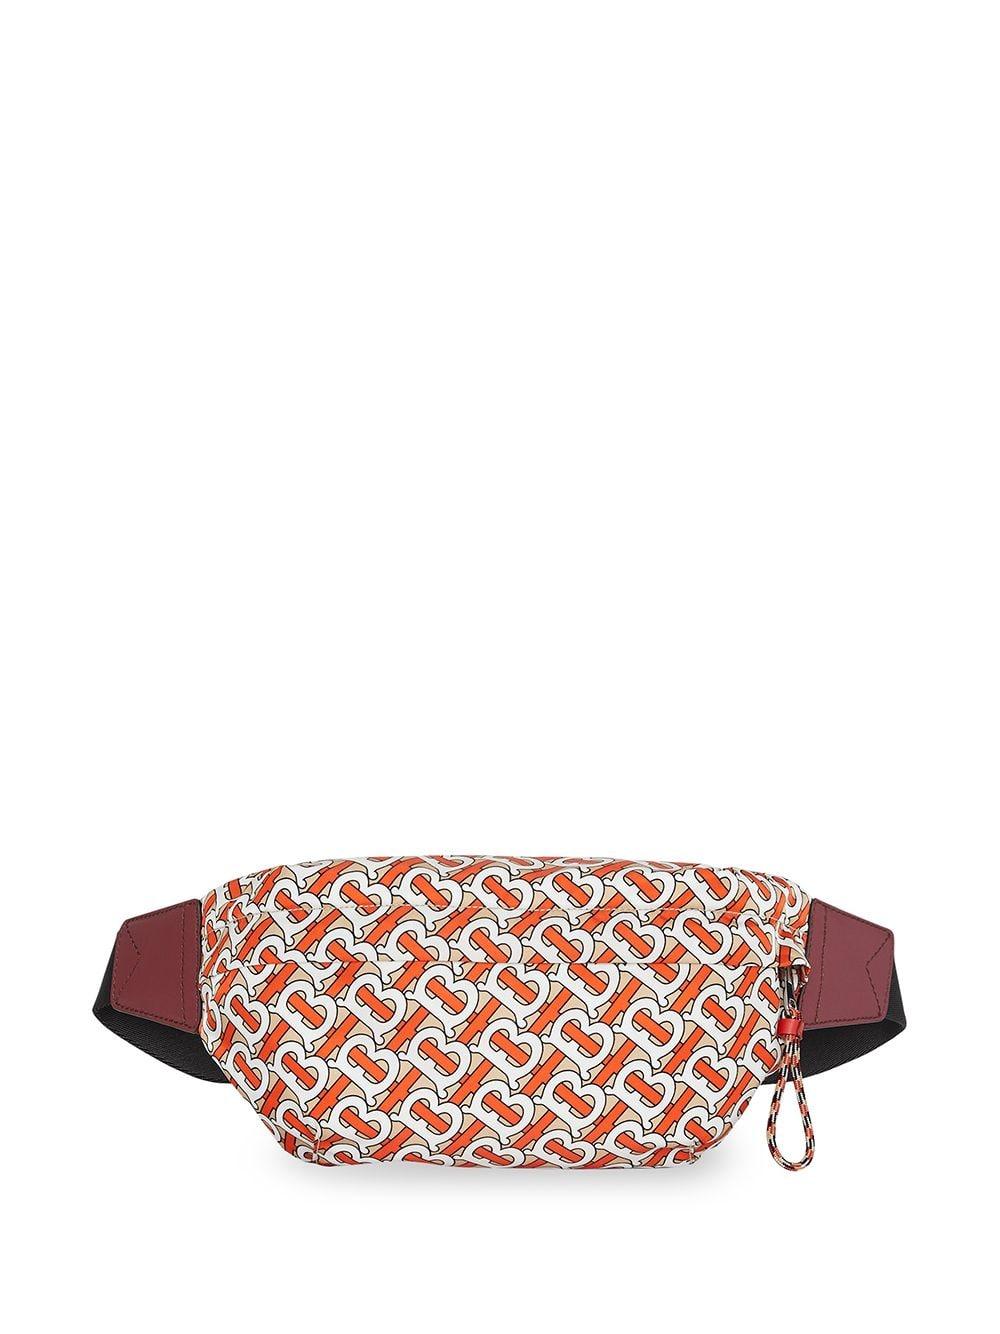 Burberry Mittelgroße Gürteltasche mit Monogramm - Orange